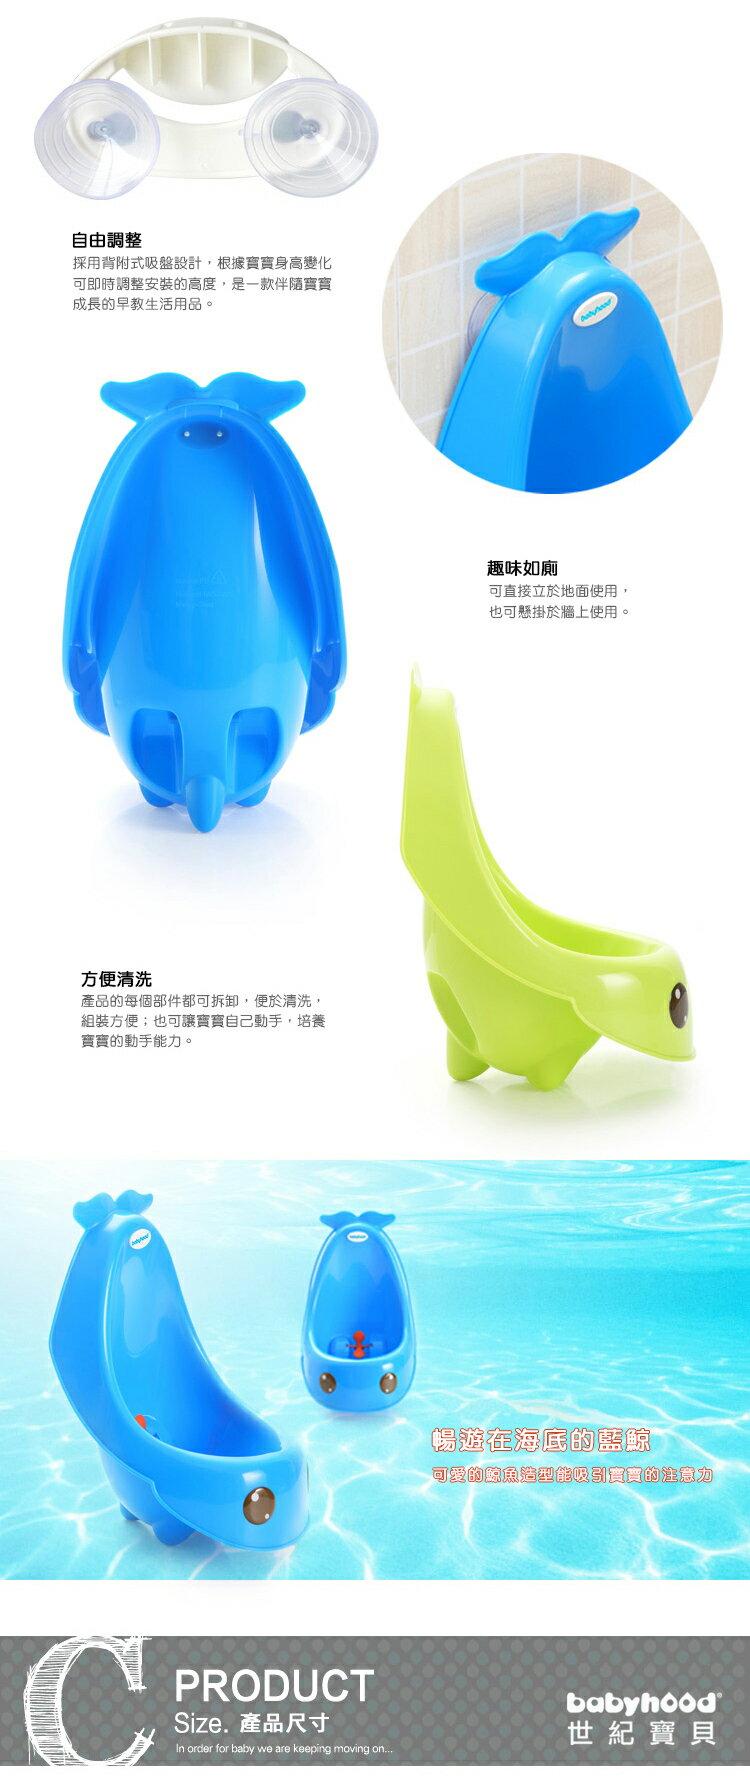 『121婦嬰用品館』傳佳知寶 babyhood 藍鯨艾達便斗 - 藍色 5